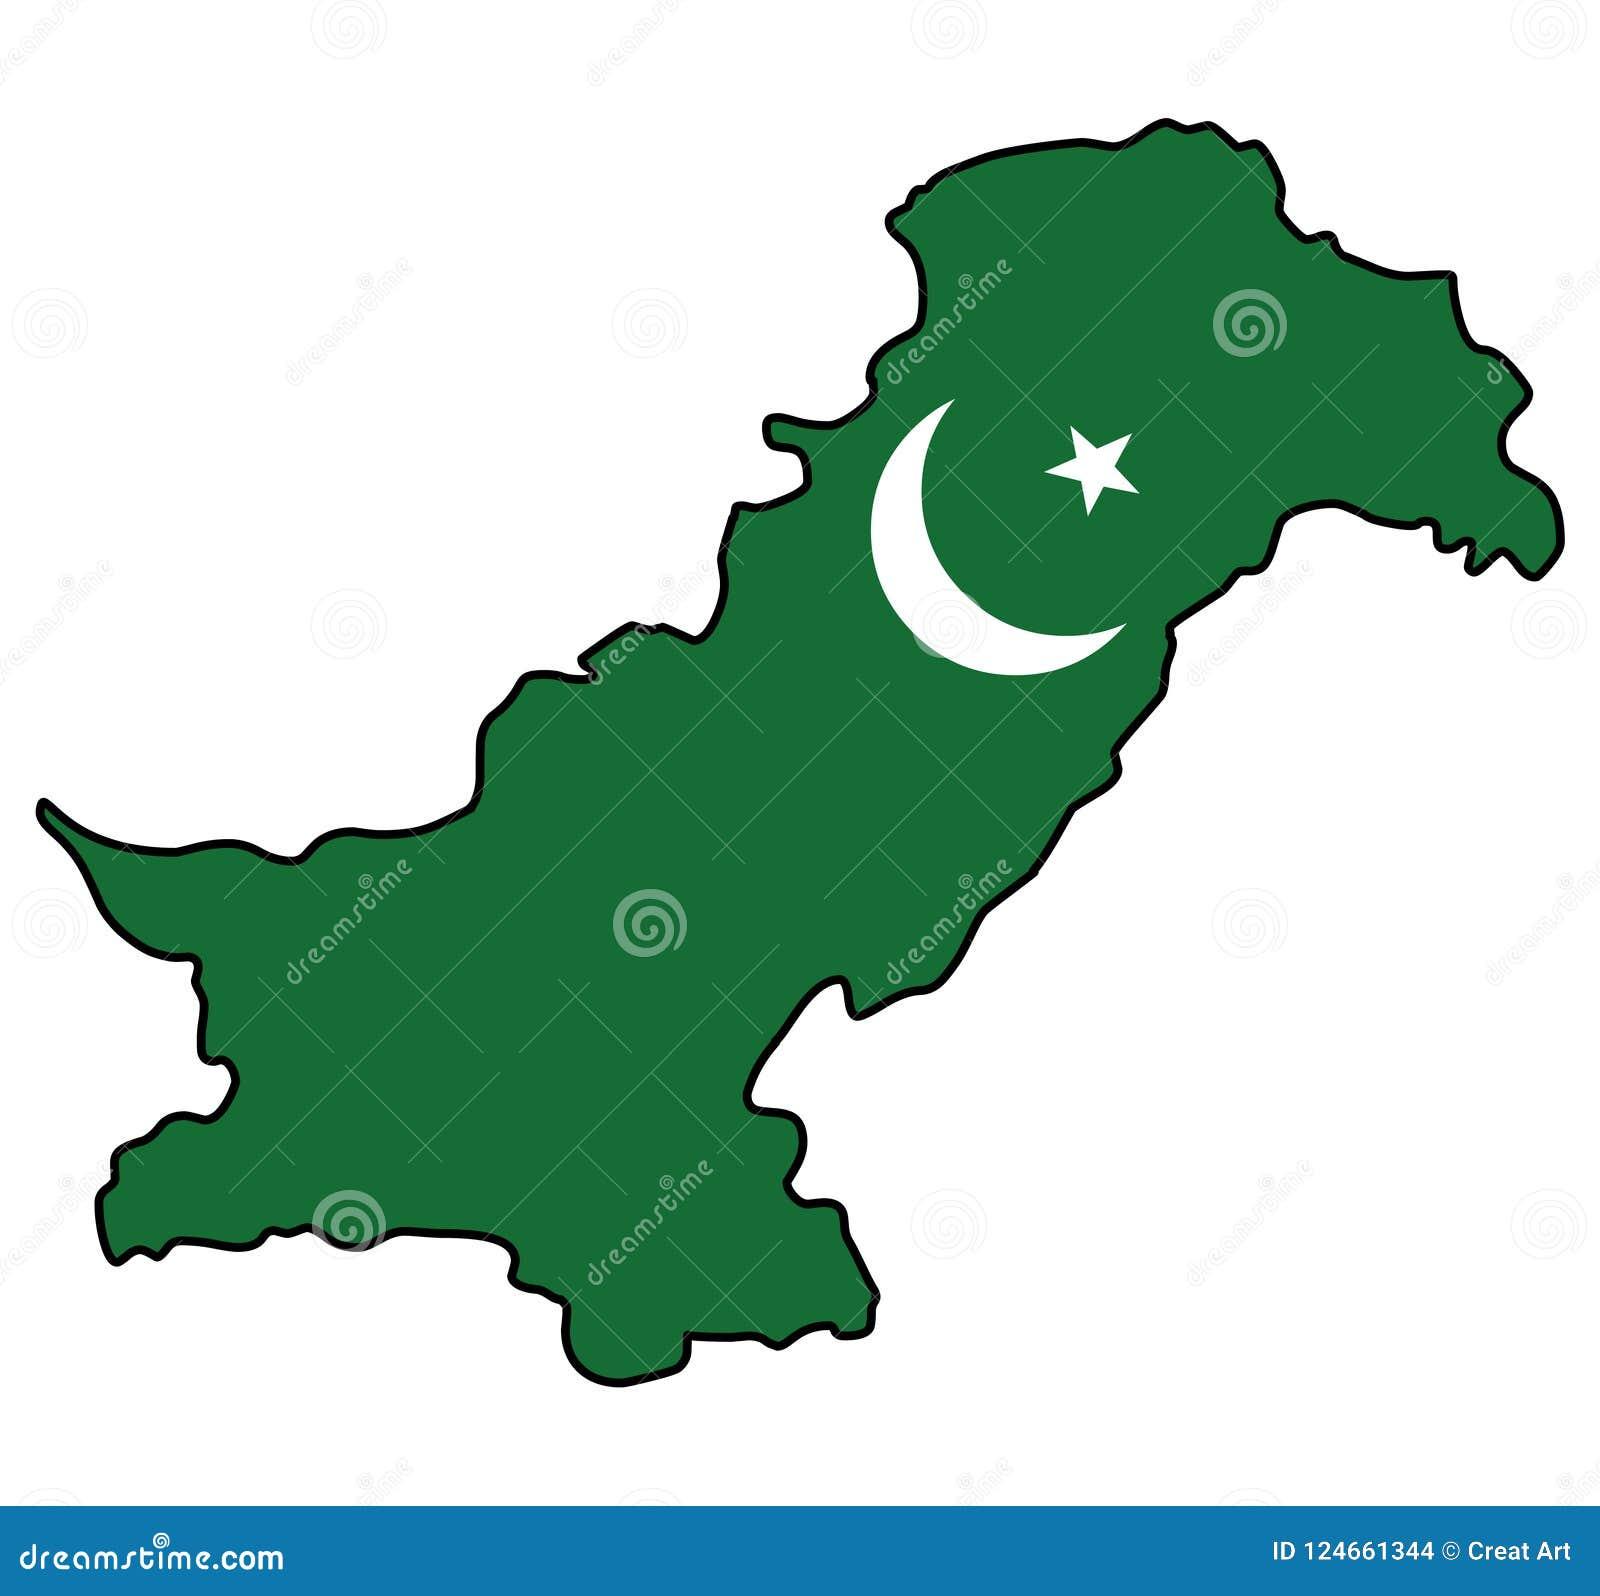 Pakistan.Map of Pakistan vector illustration